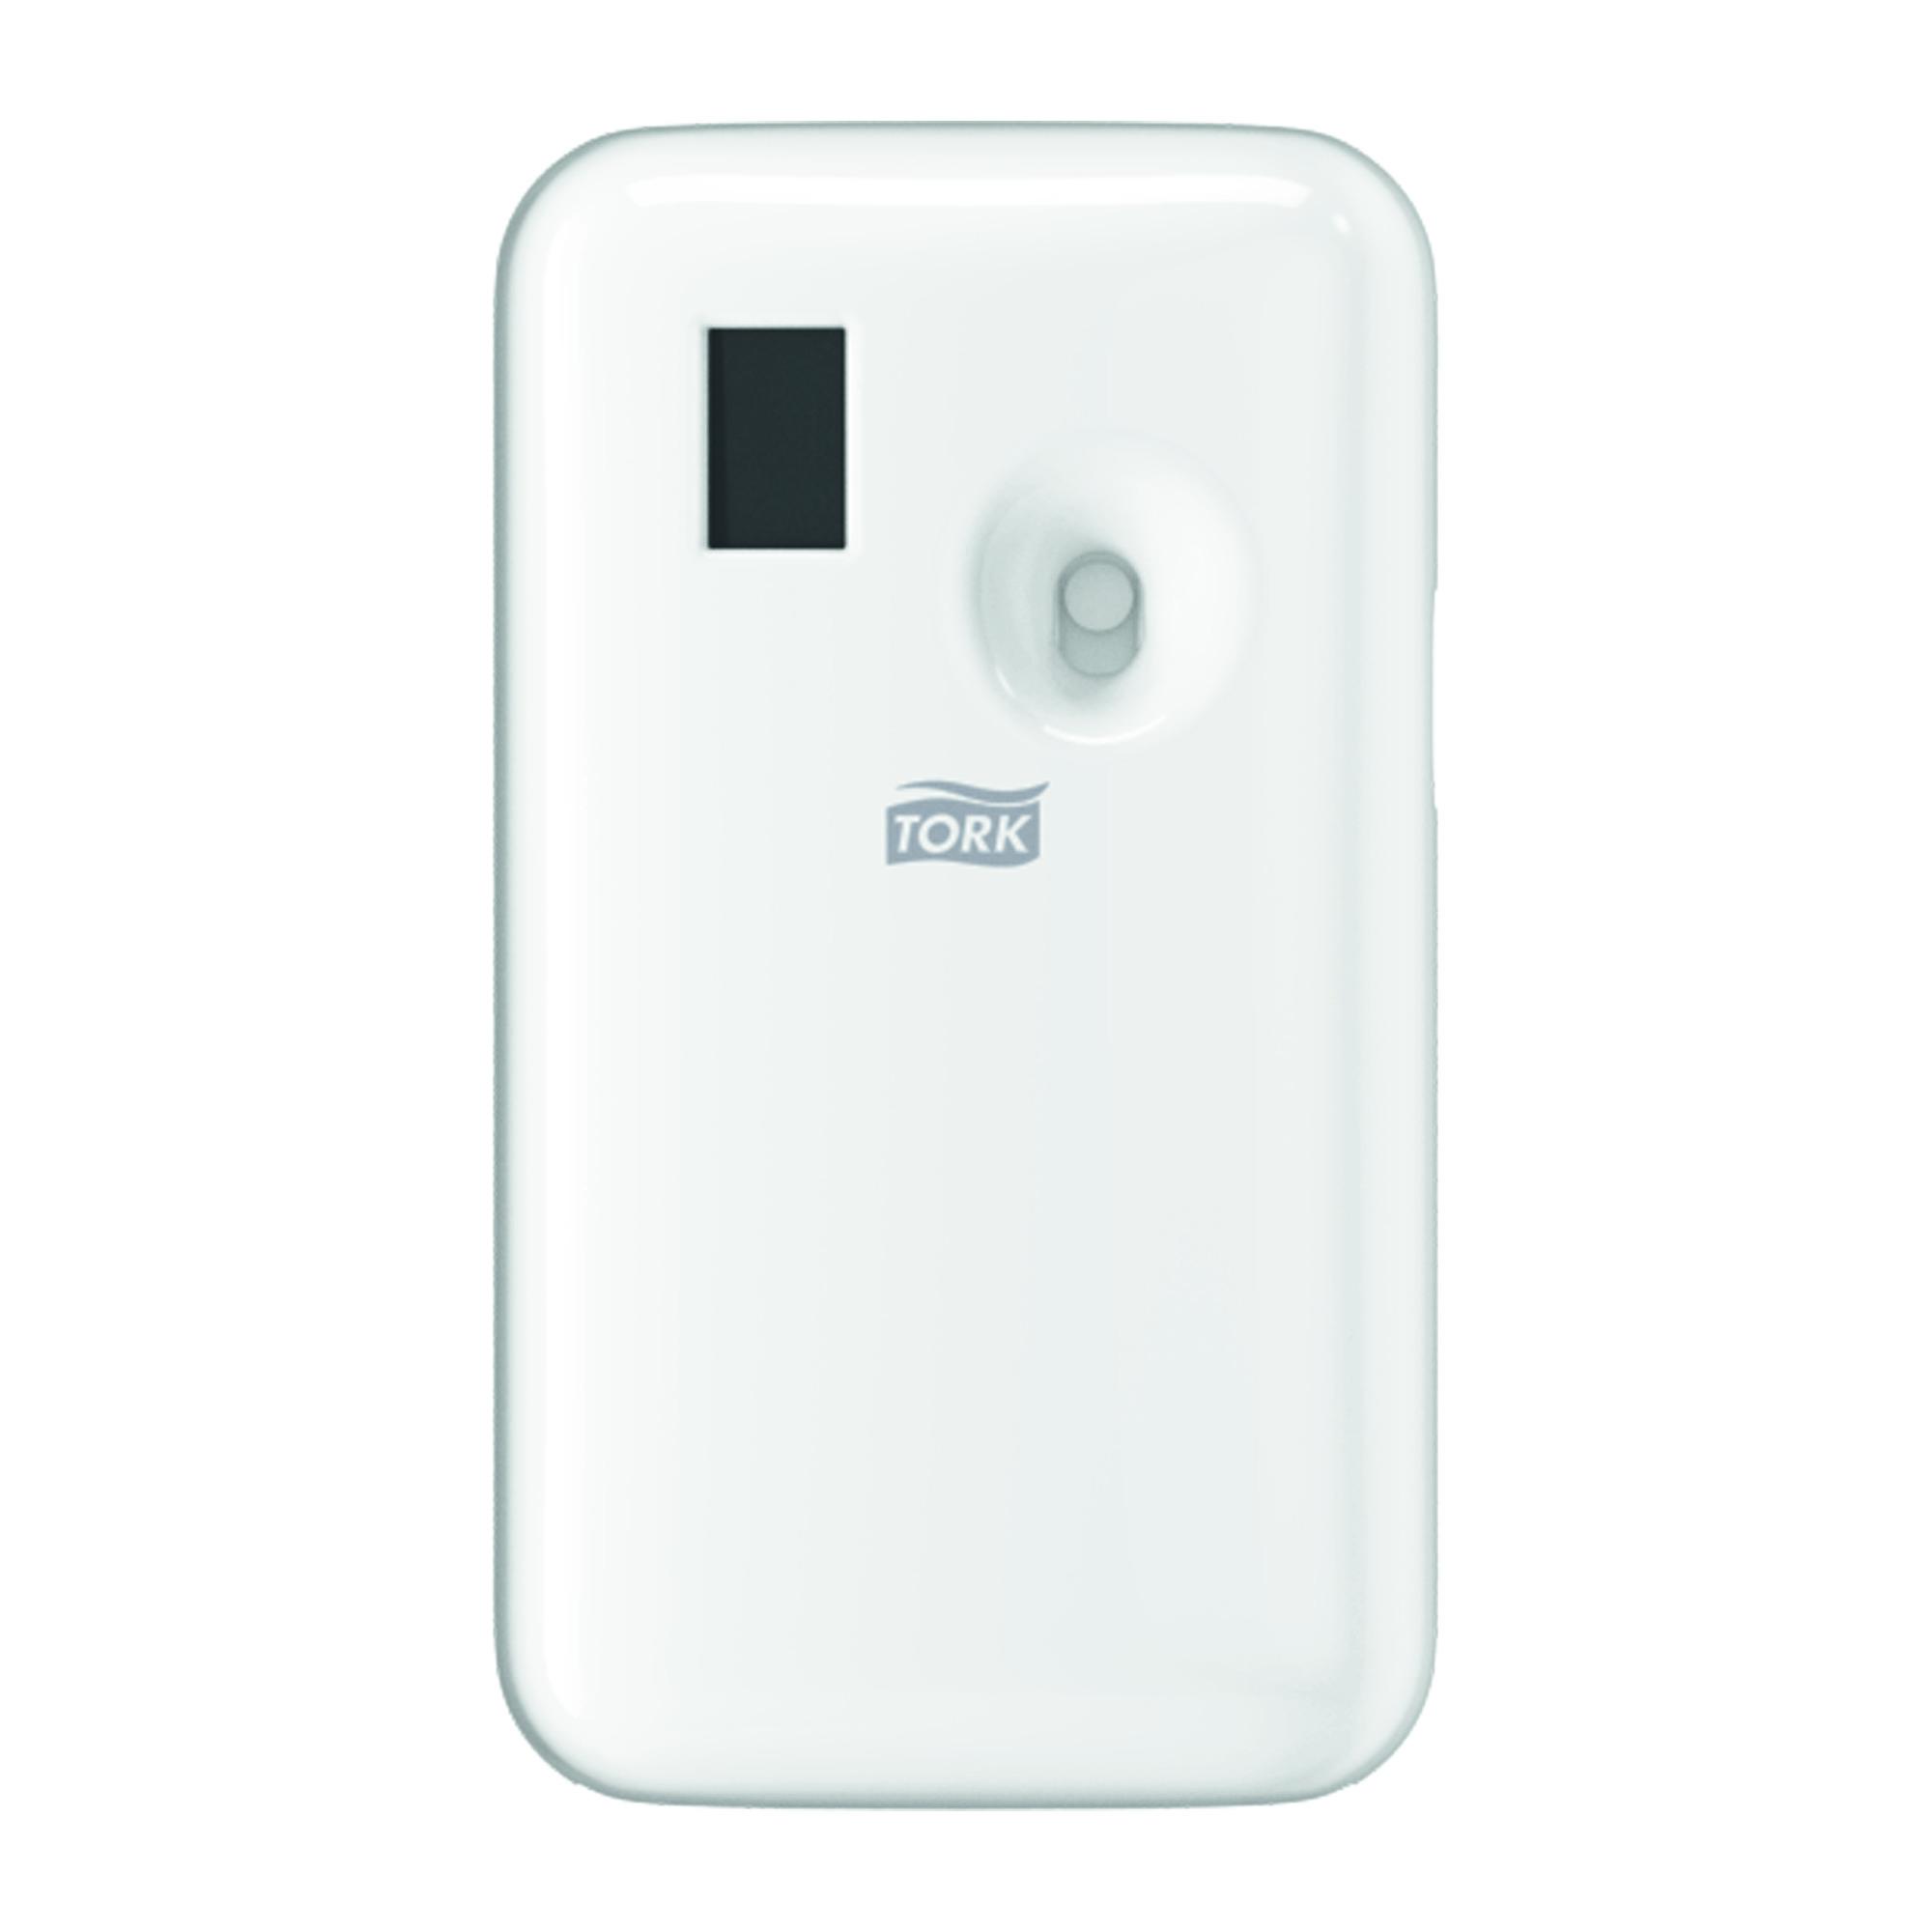 Диспенсер пластиковый для освежителя воздуха Tork A1, белый, 562000 - изображение 1